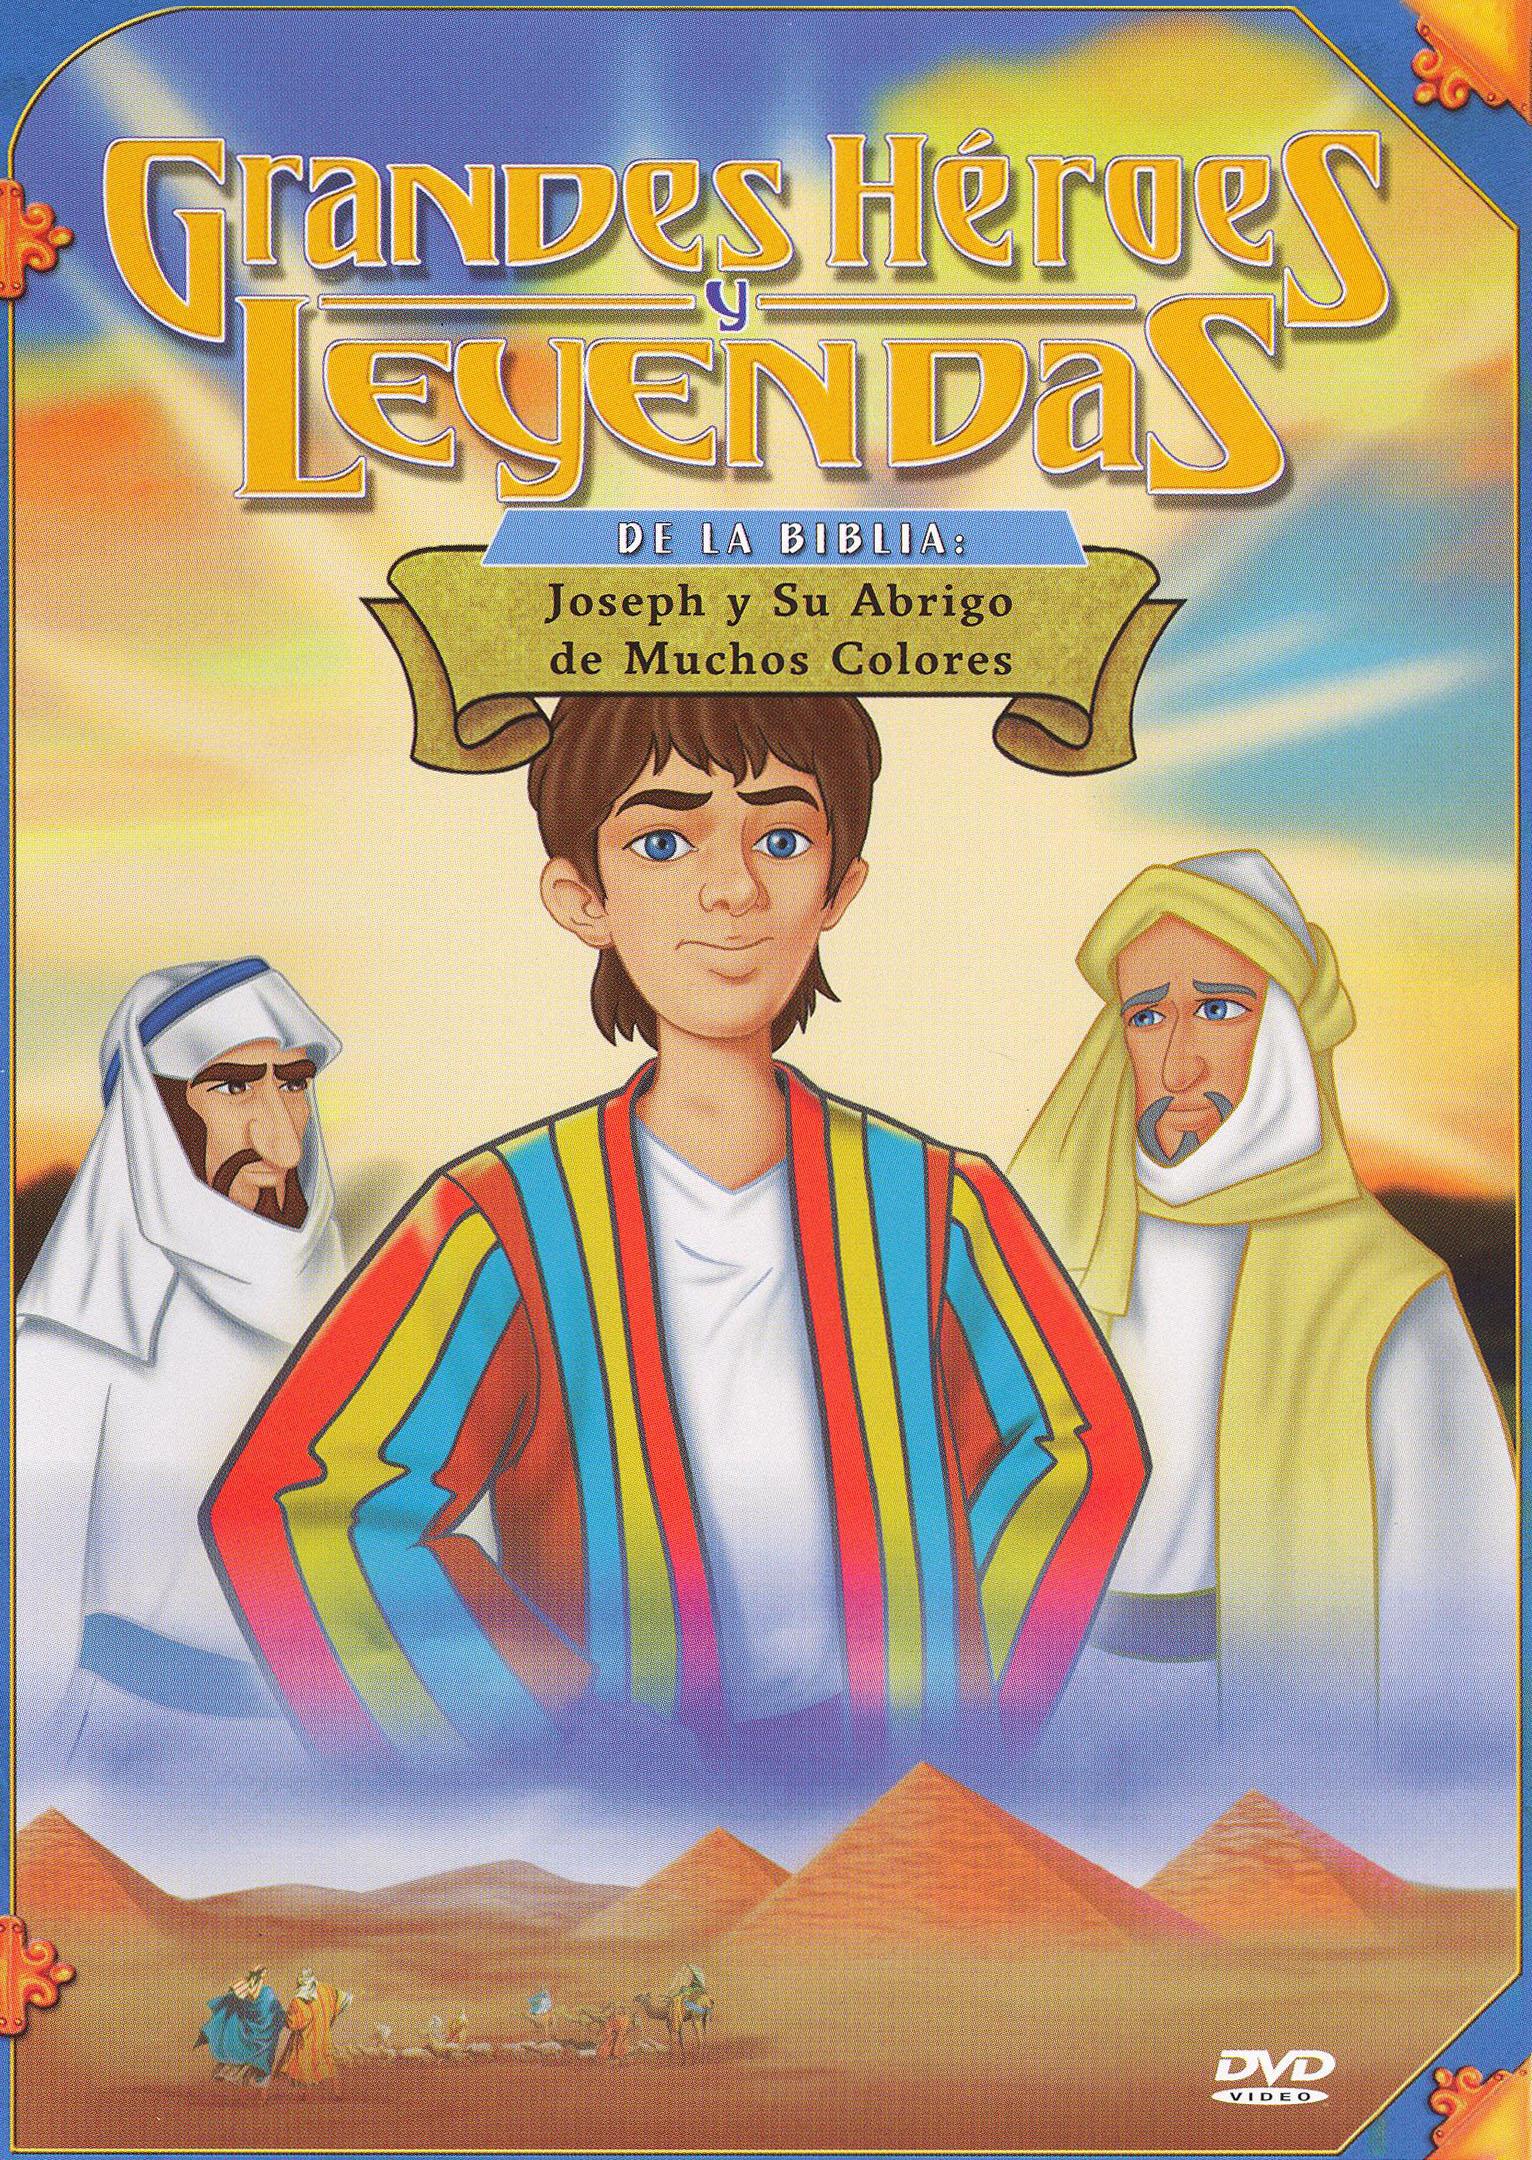 Joseph y Su Abrigo de Muchos Colores